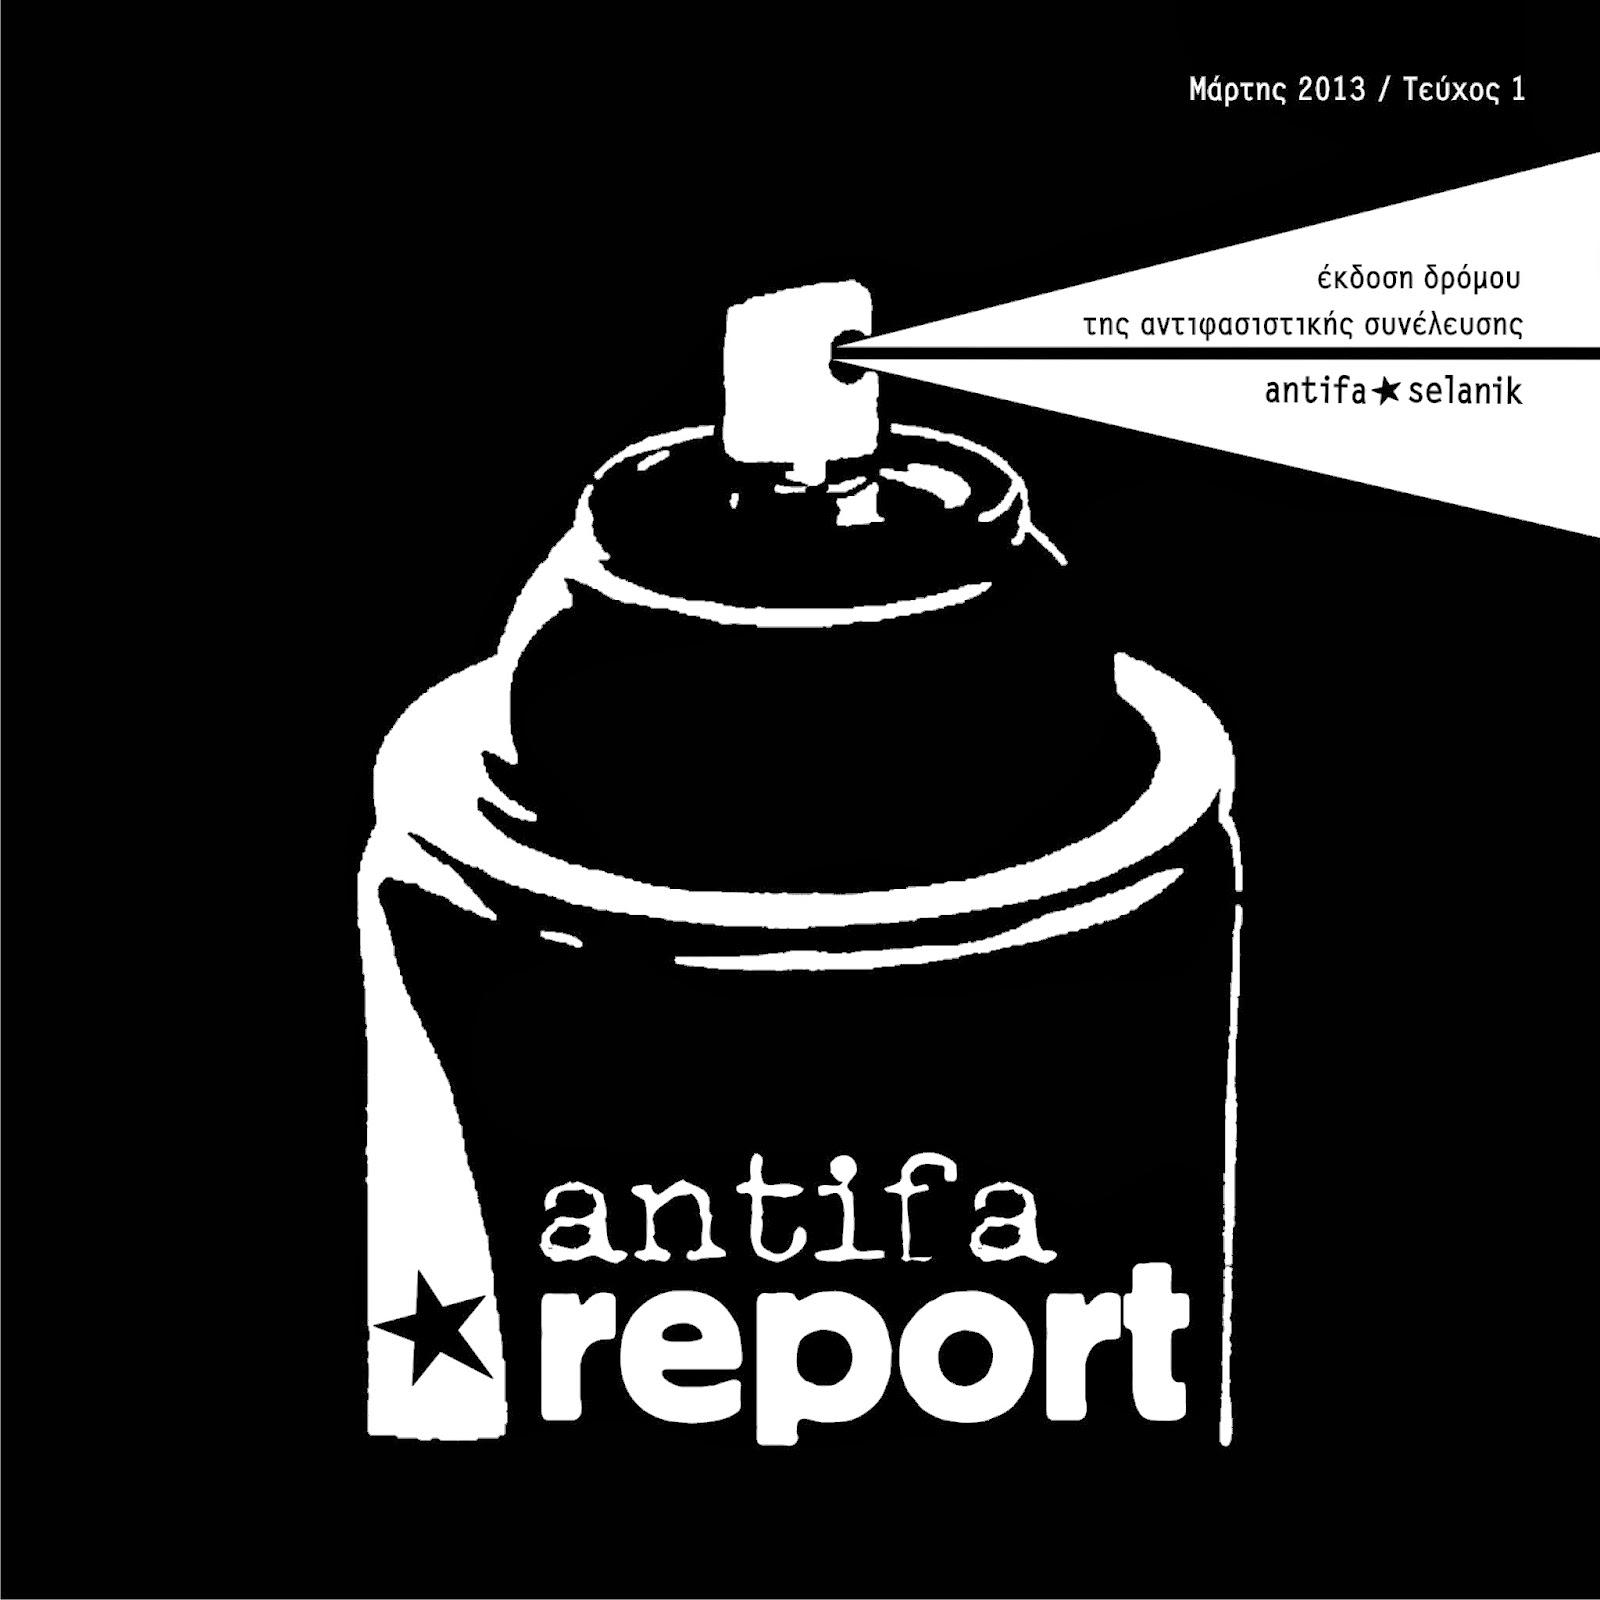 http://www.docdroid.net/uu46/report-1-3-13.pdf.html